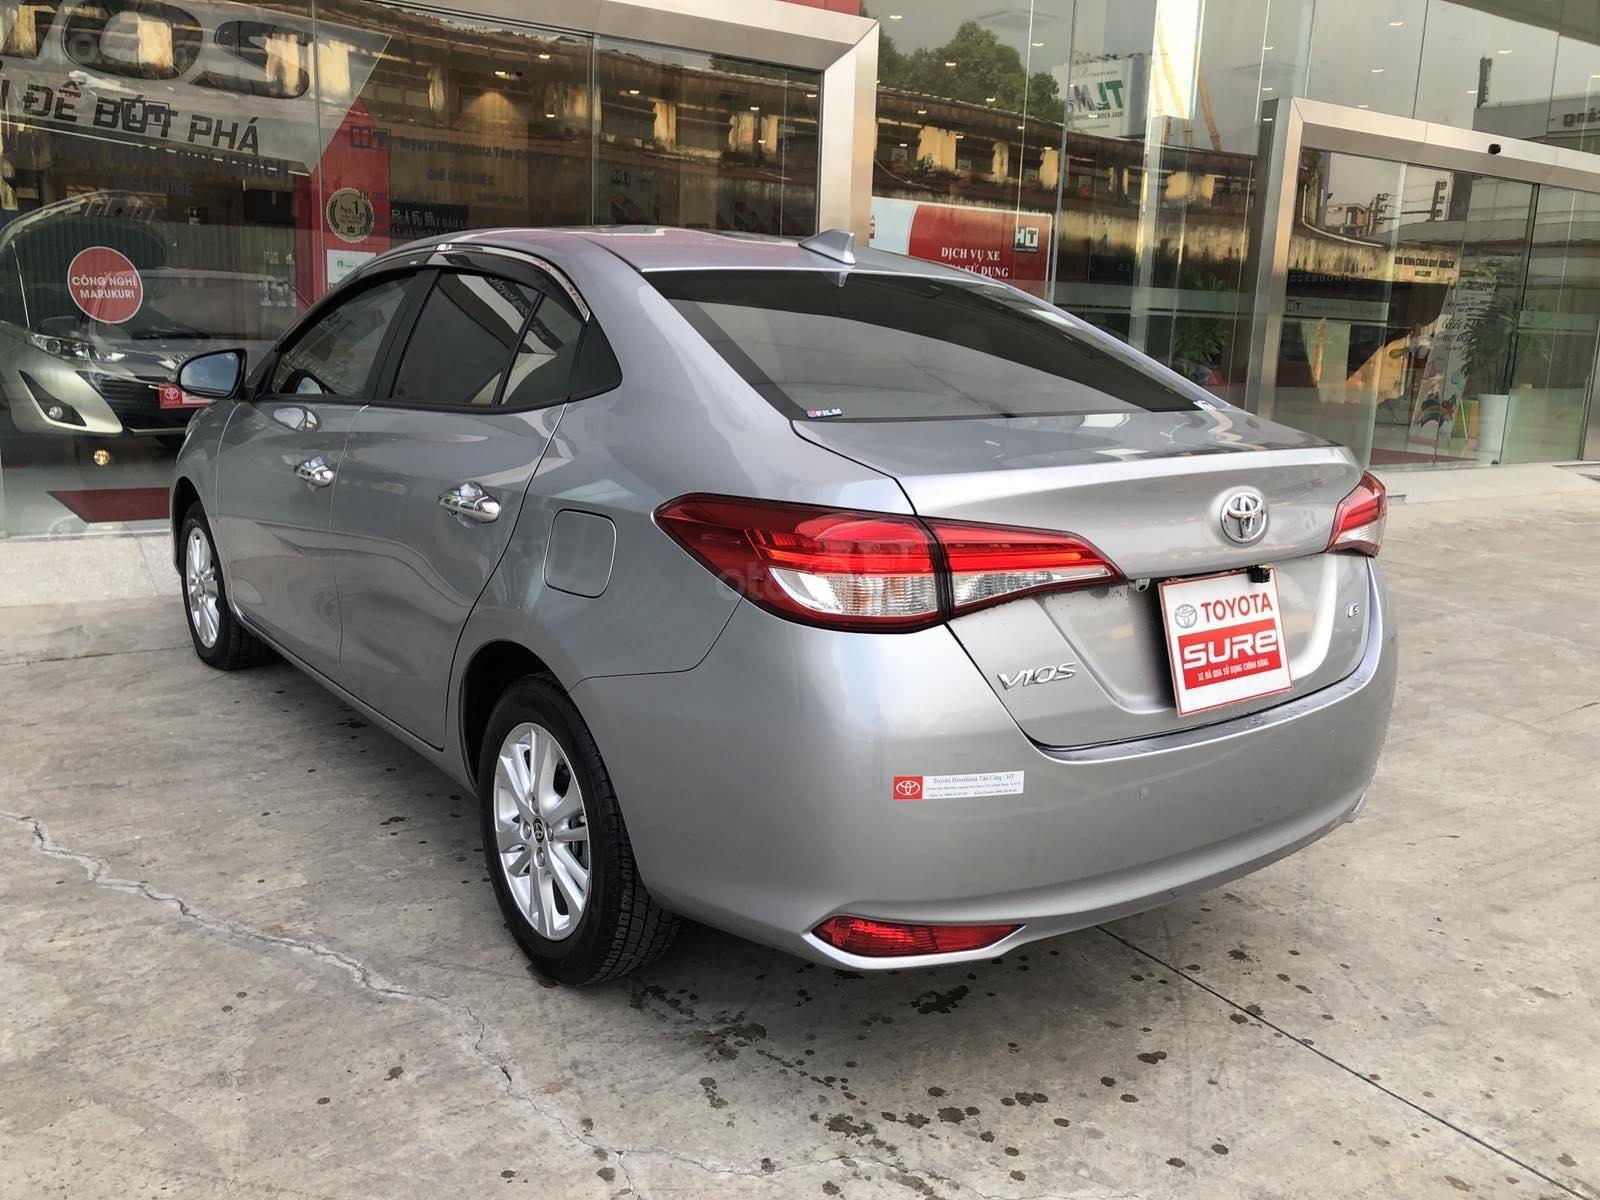 Cần bán xe Toyota Vios 1.5G CVT 2019, màu bạc, xe gia đình đi 28.000km - xe chất giá tốt (6)